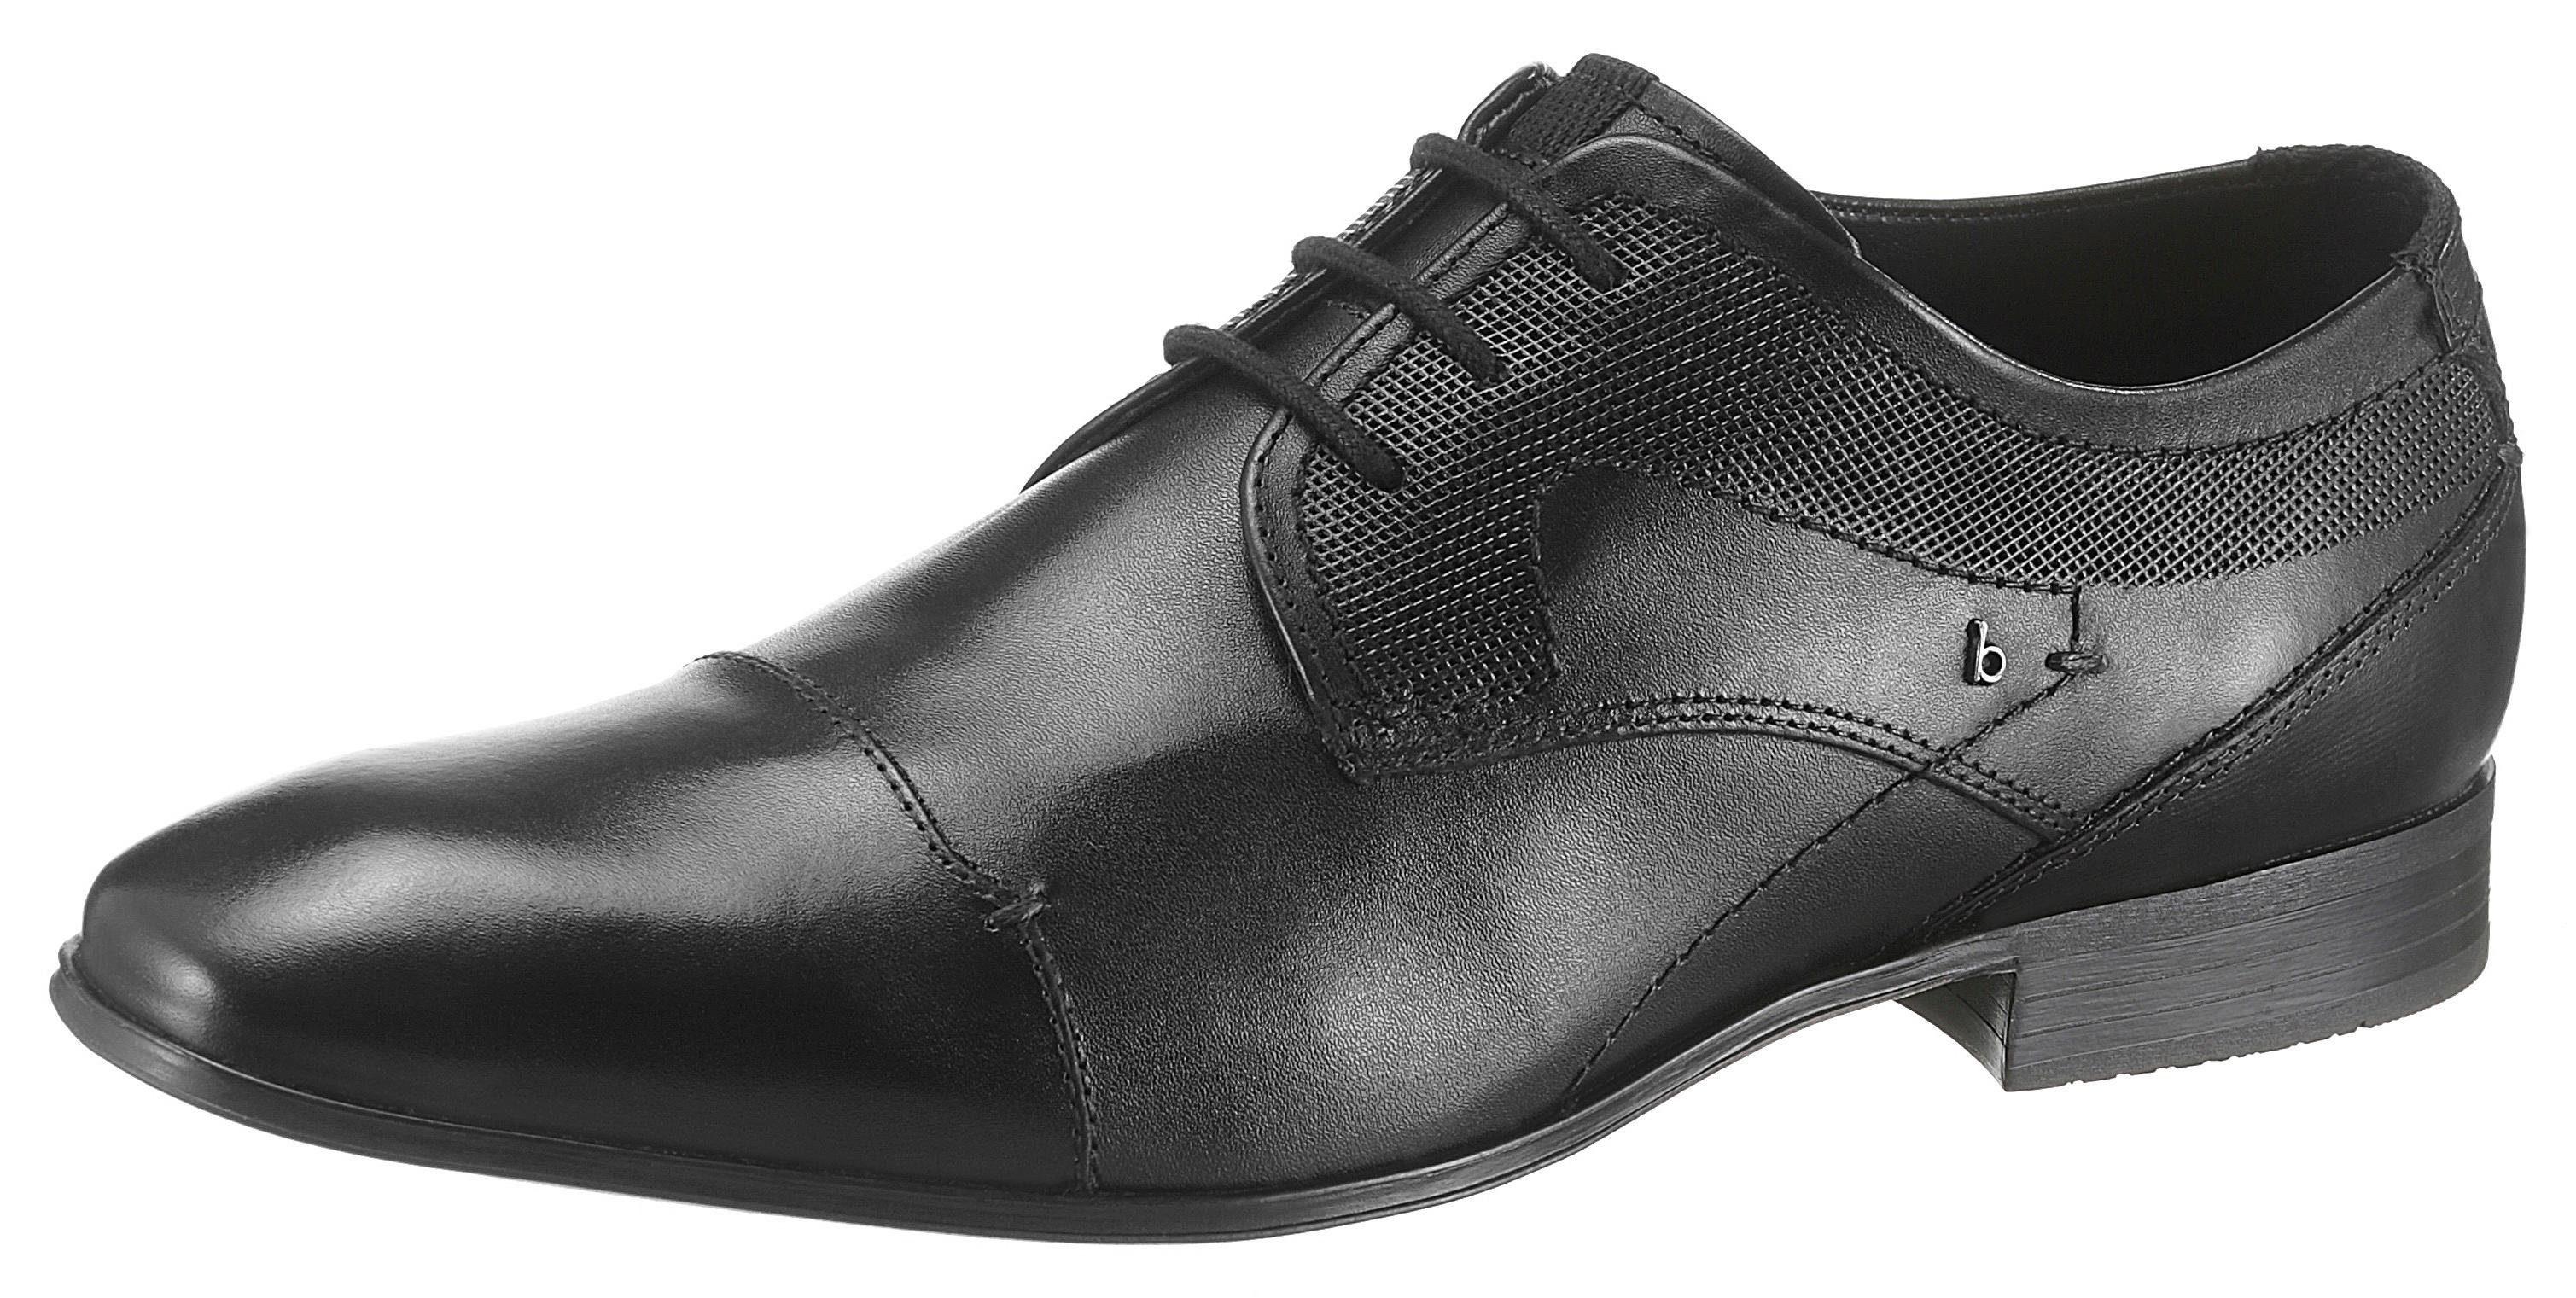 Bugatti Schnürschuh online kaufen  schwarz